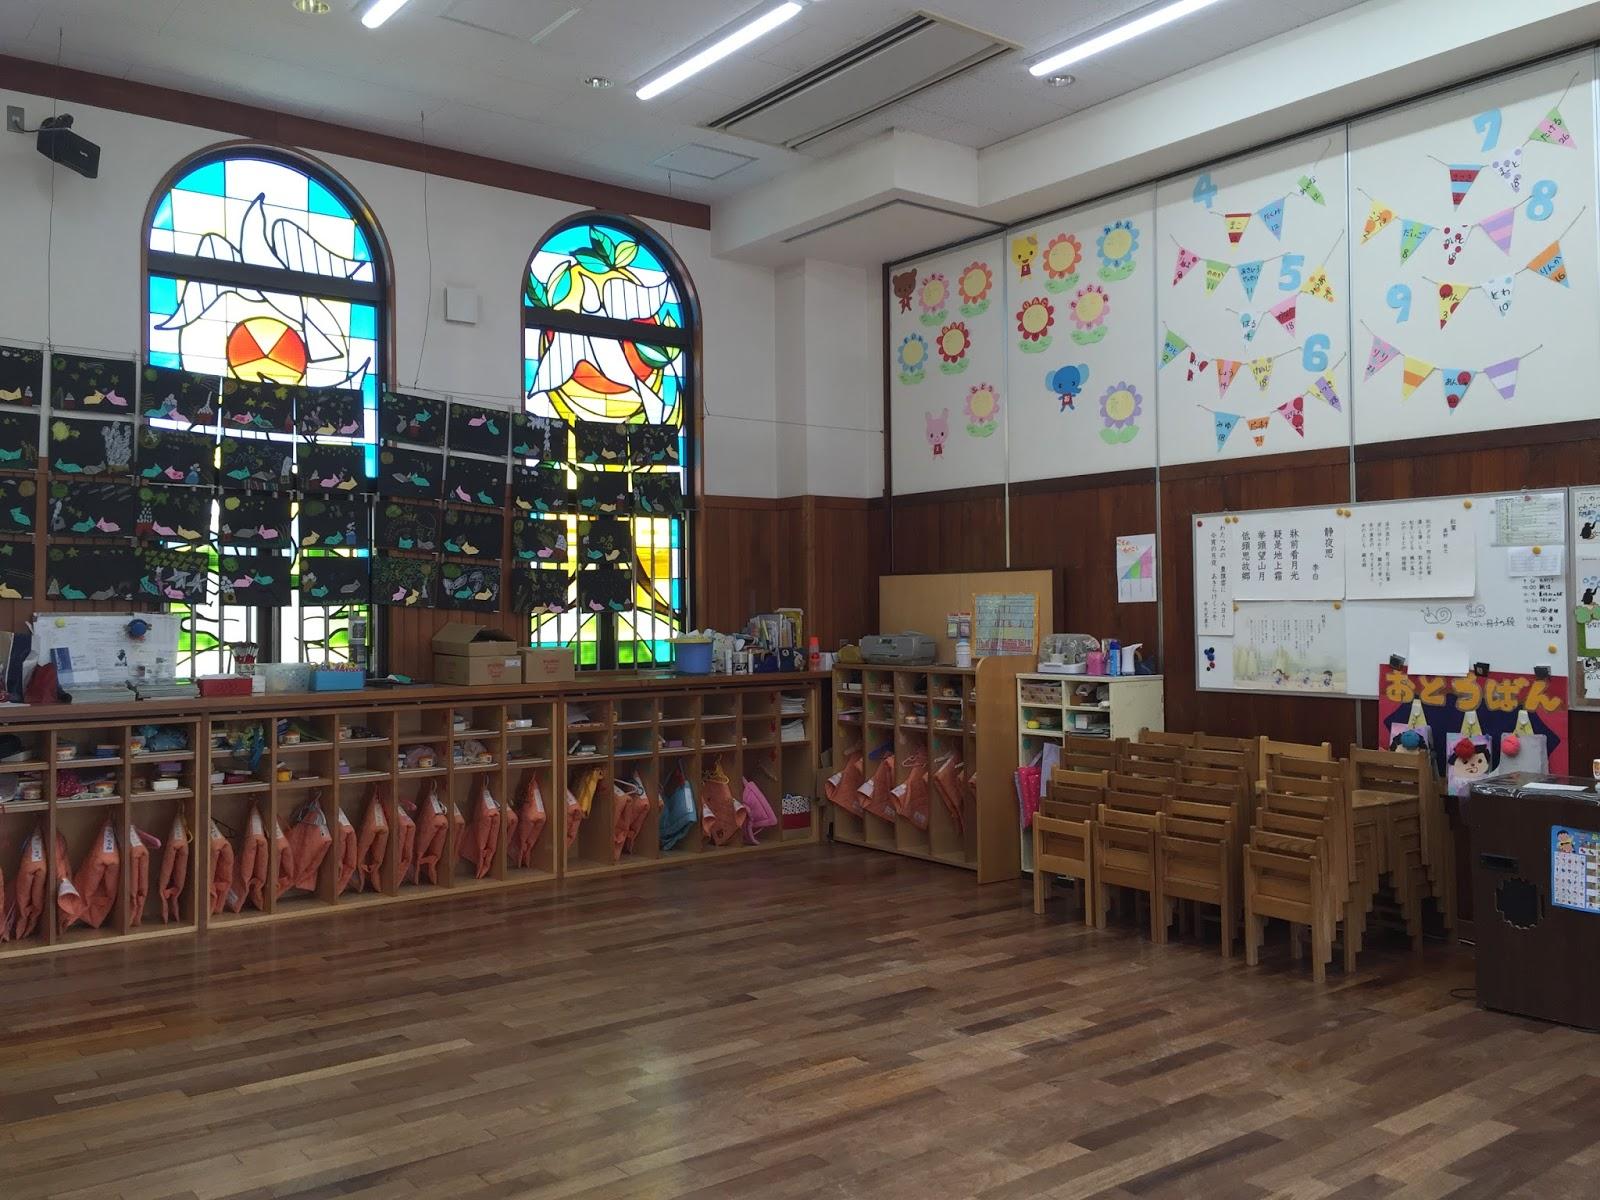 Hiasan Ruang Kelas Taman Kanak Kanak  dekorasi ruang kelas taman kanak tajuk 3 pengurusan ...